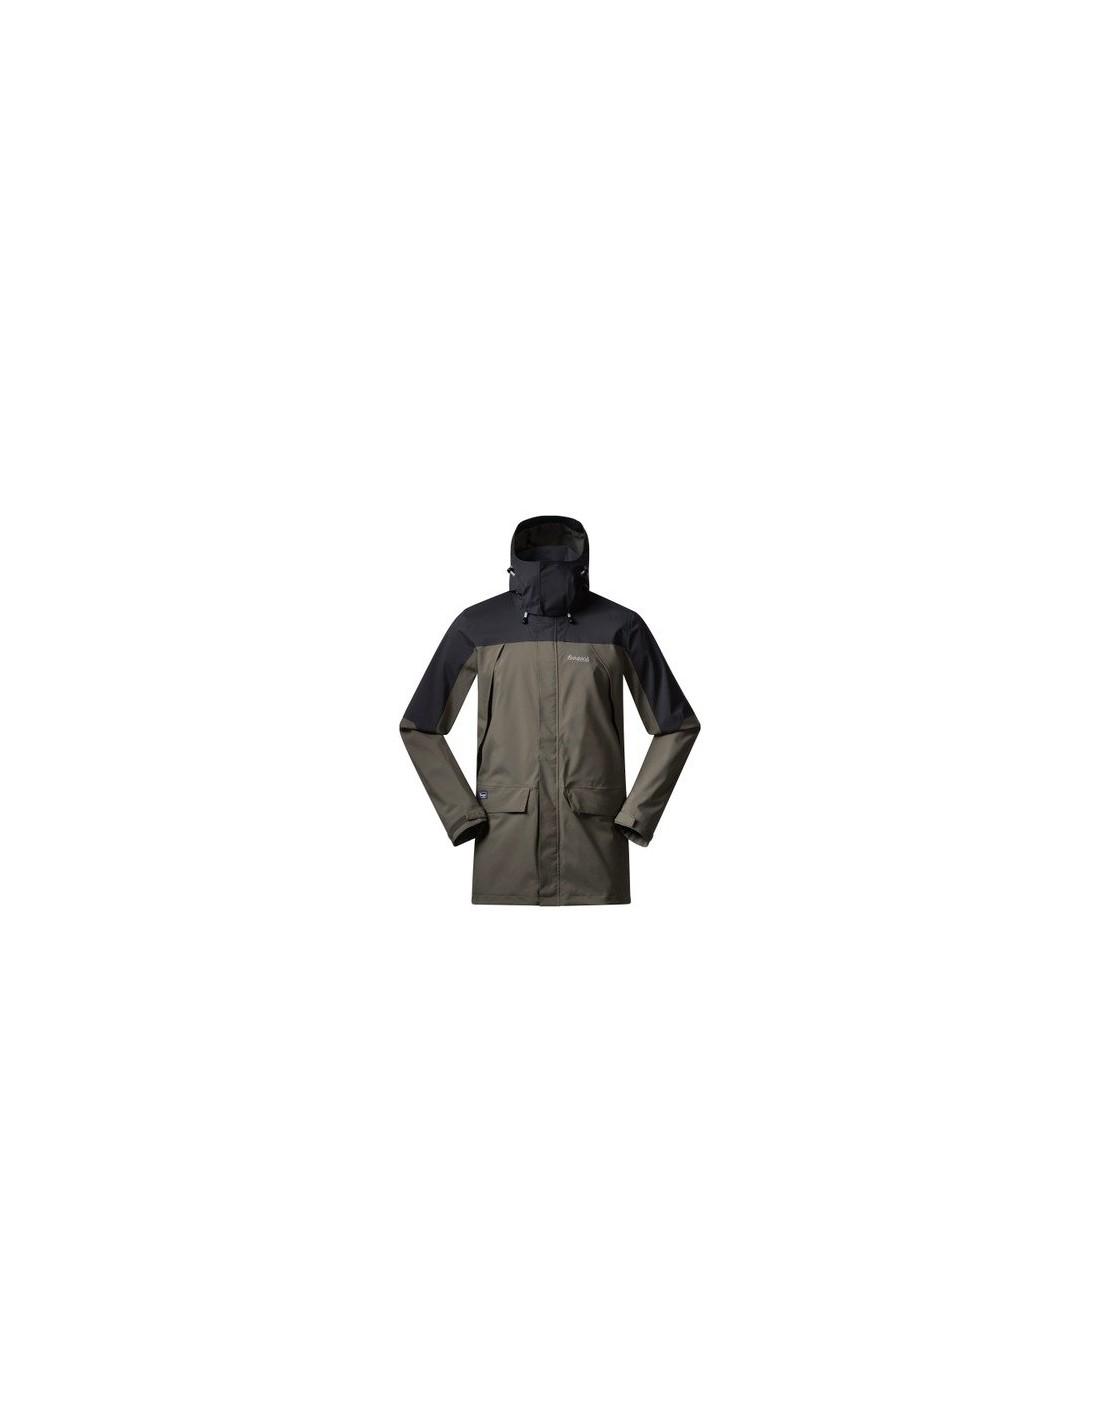 Vinterjakker Herrer Breheimen 2L Jacket Herre 8652 3,500.00